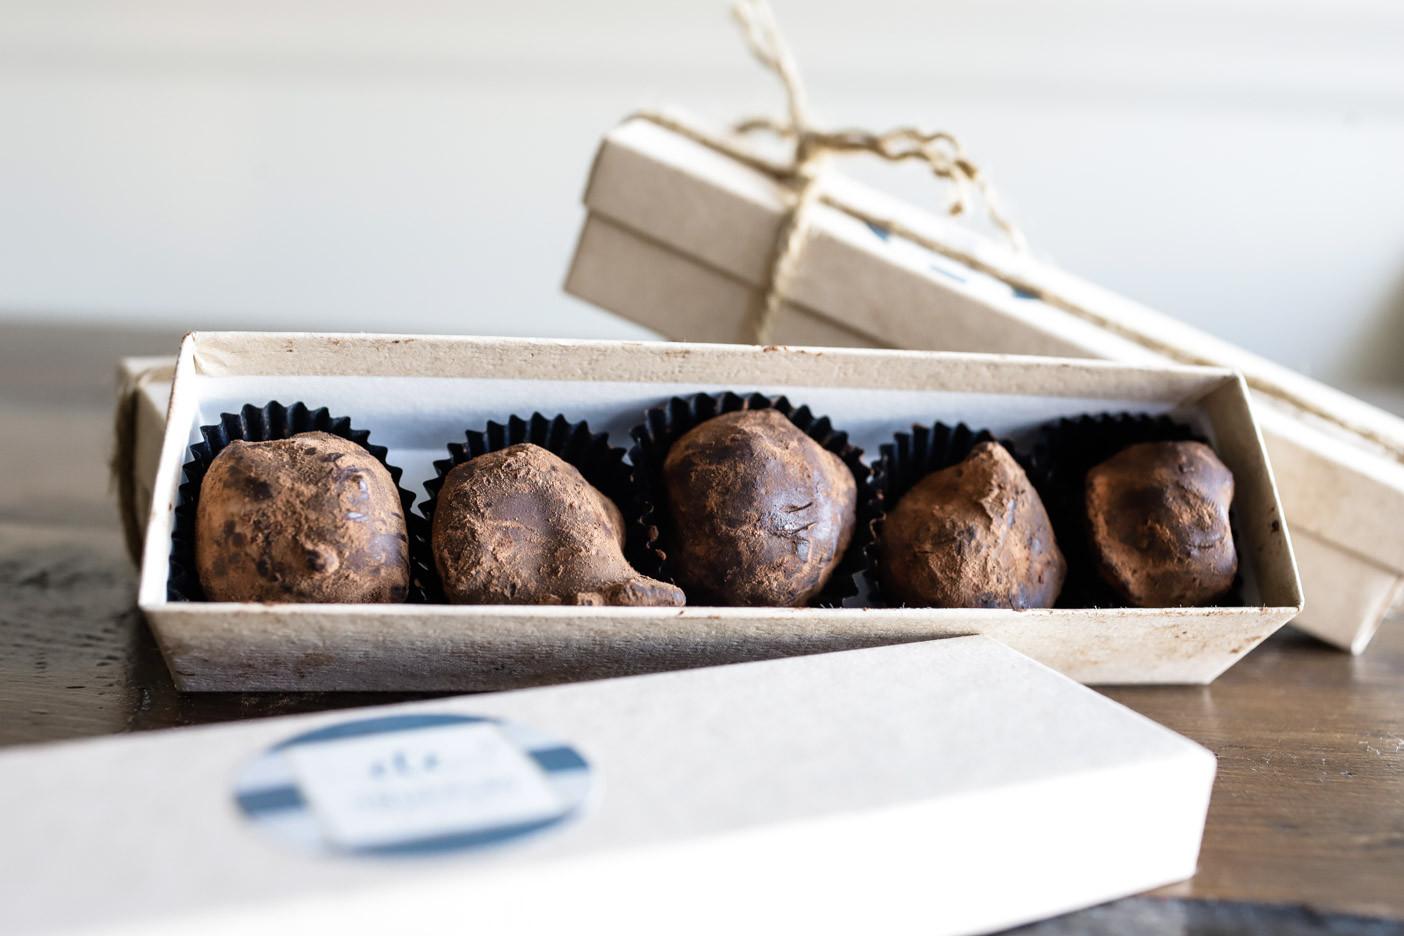 Chef Arie's Handmade Chocolate Truffles